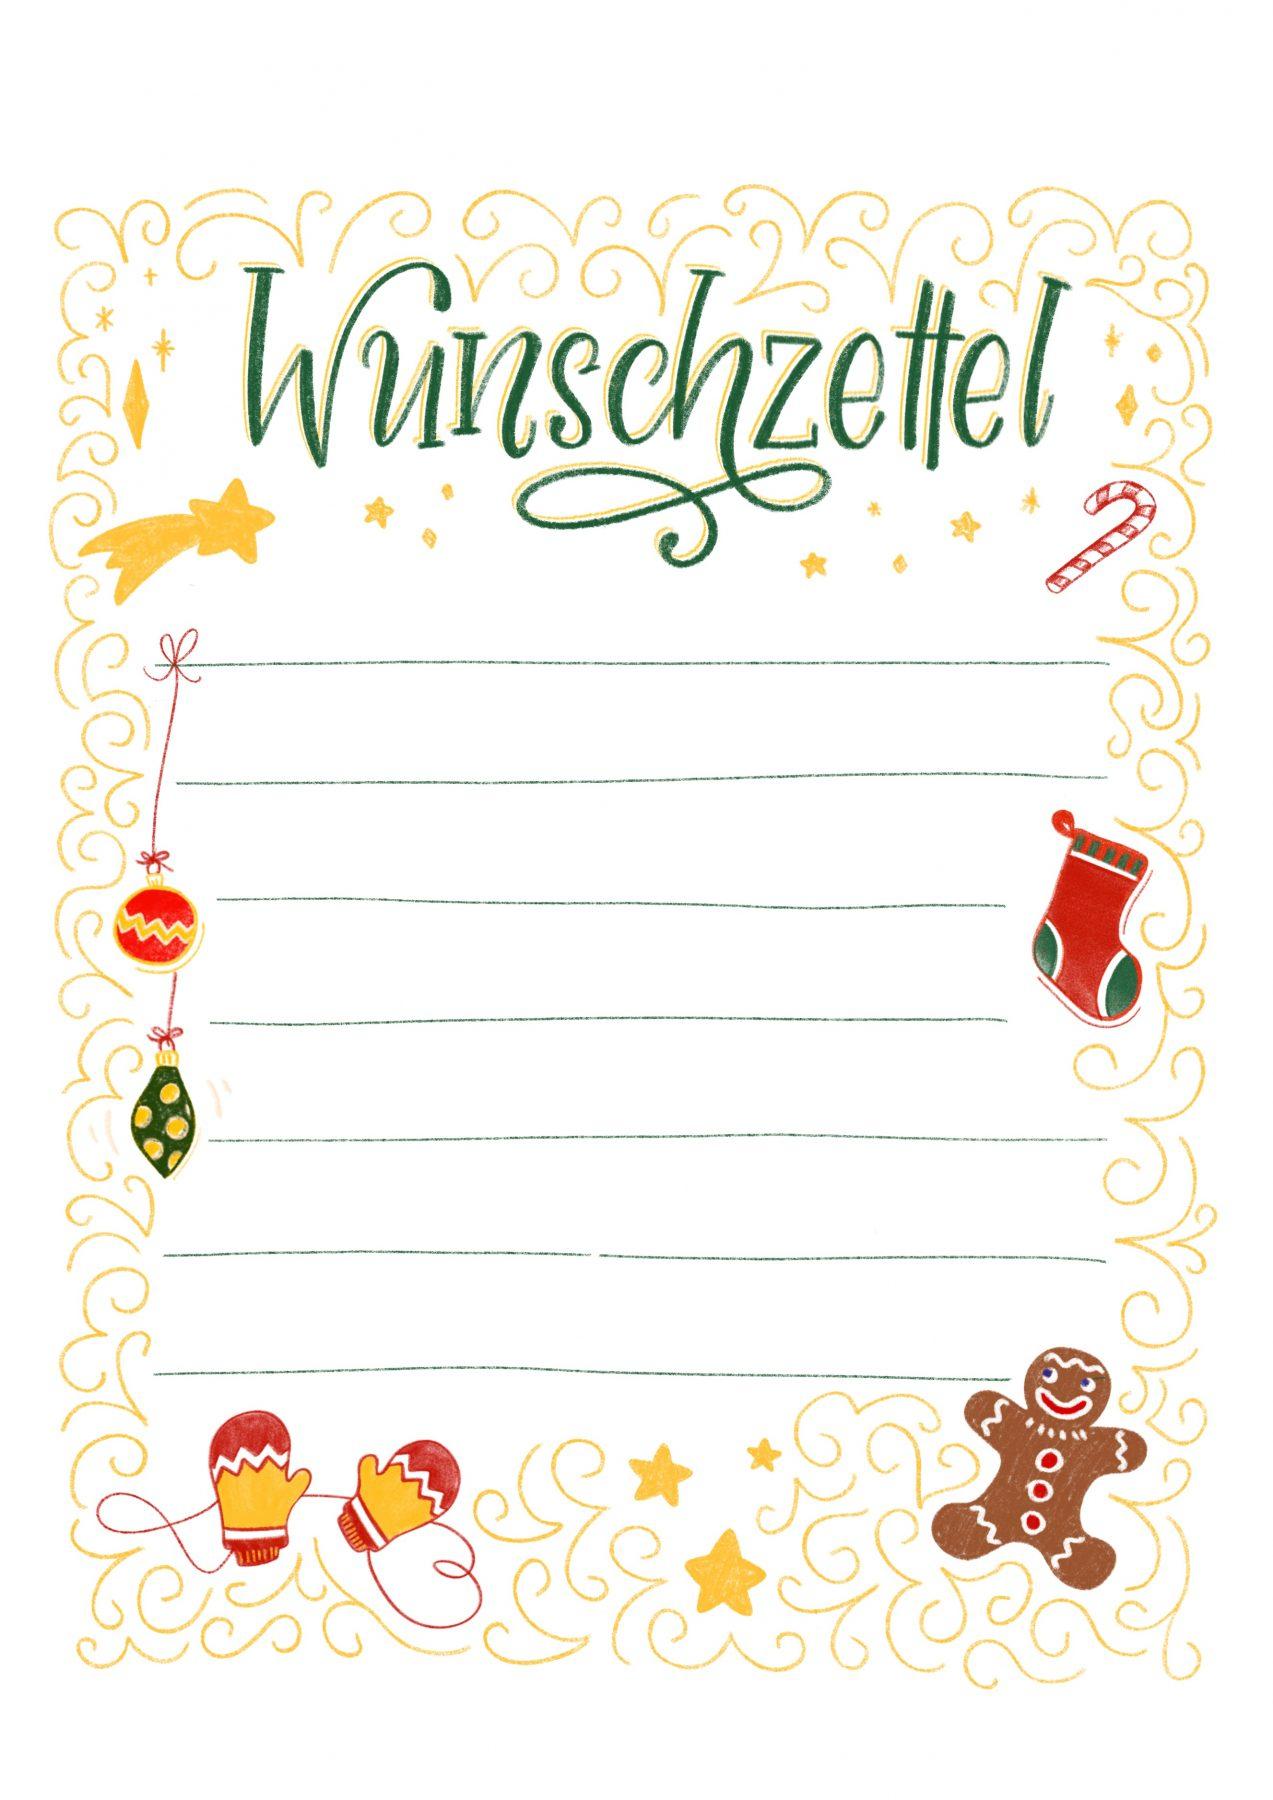 Wunschzettel-Vorlage Zum Ausdrucken (Kostenloses Freebie bei Lustige Wunschzettel Zu Weihnachten